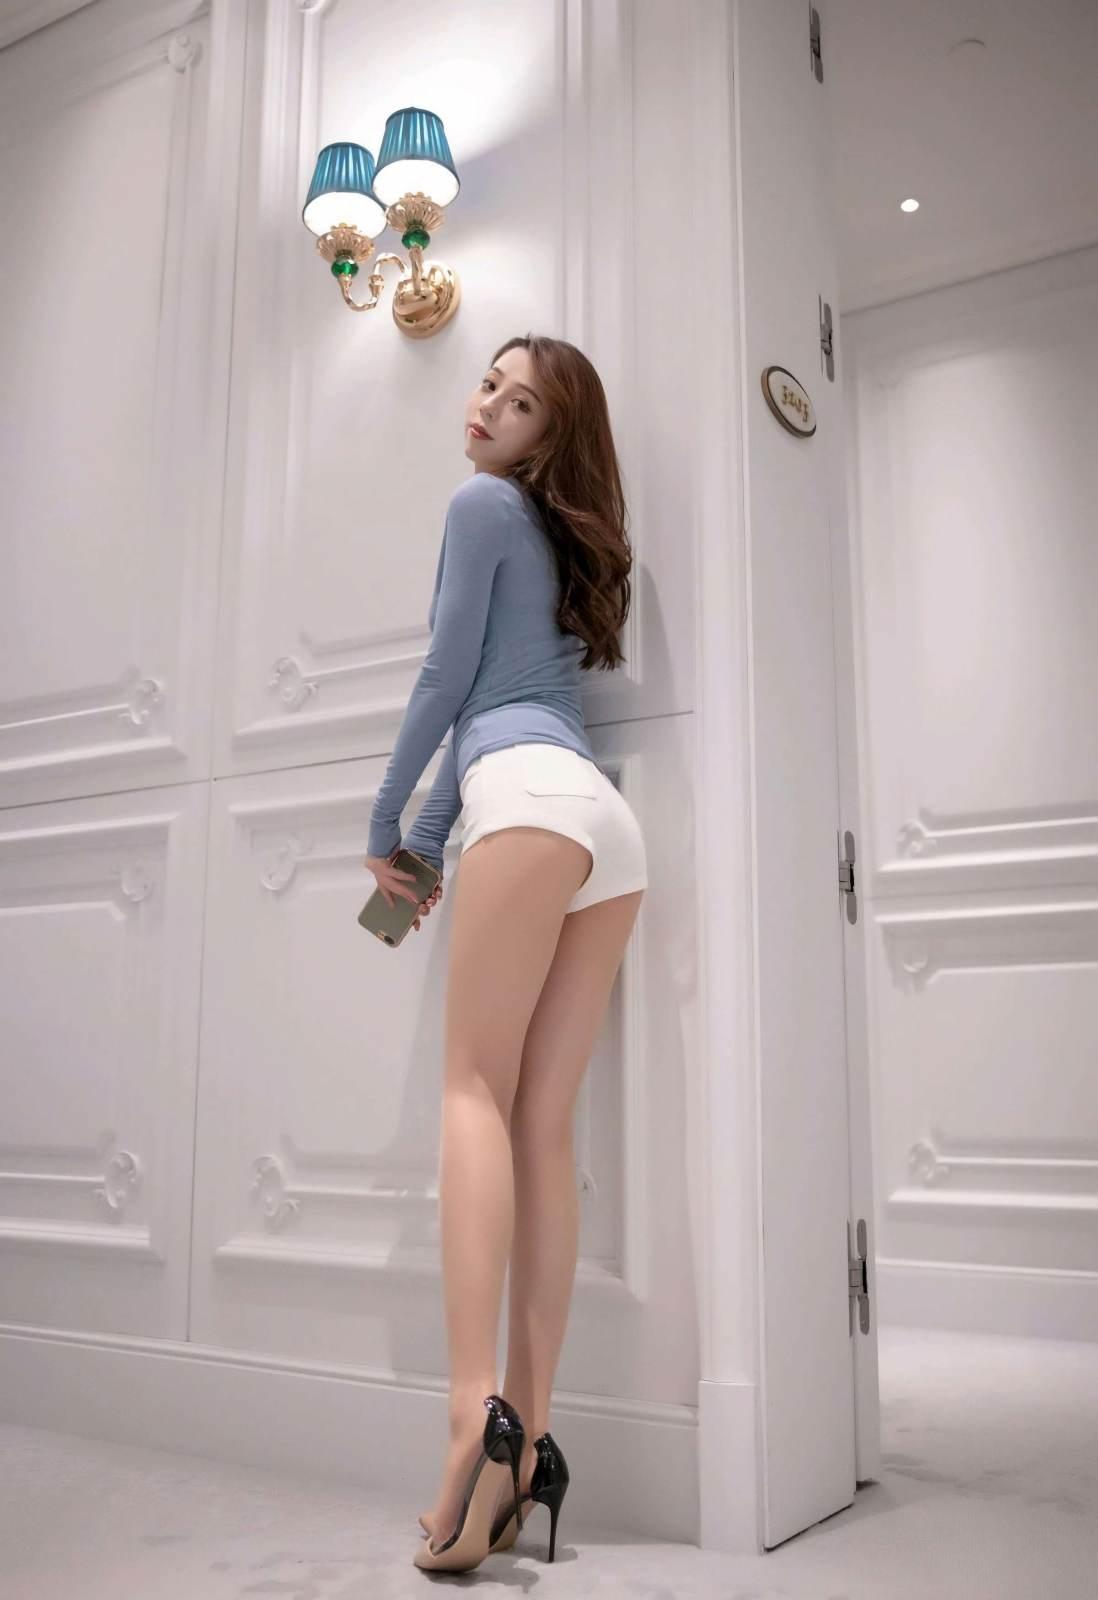 第197期仙姿佚貌言沫(高跟,大长腿,超短裤)_图片3